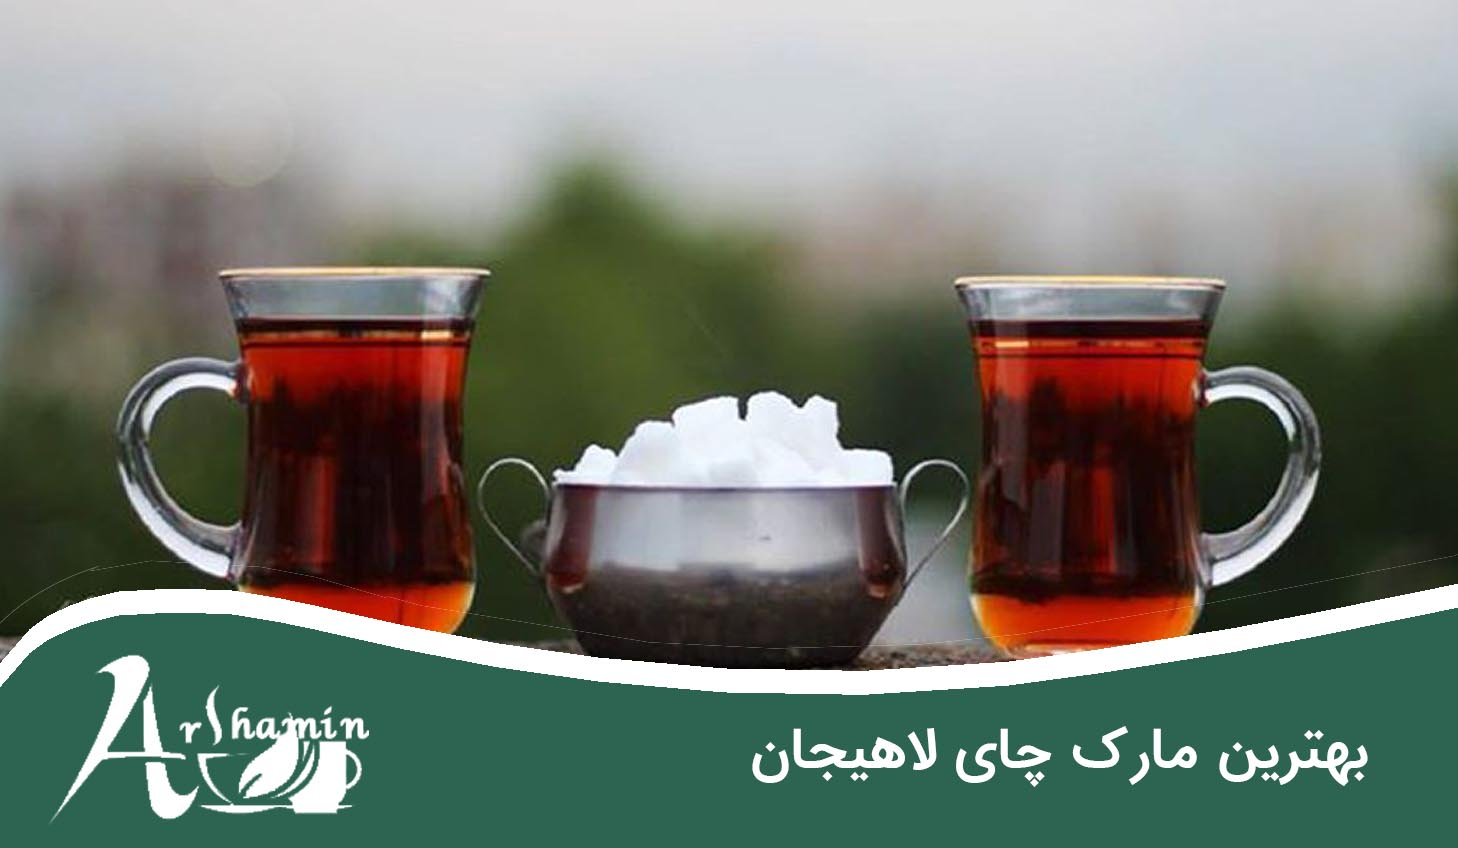 بهترین مارک چای لاهیجان